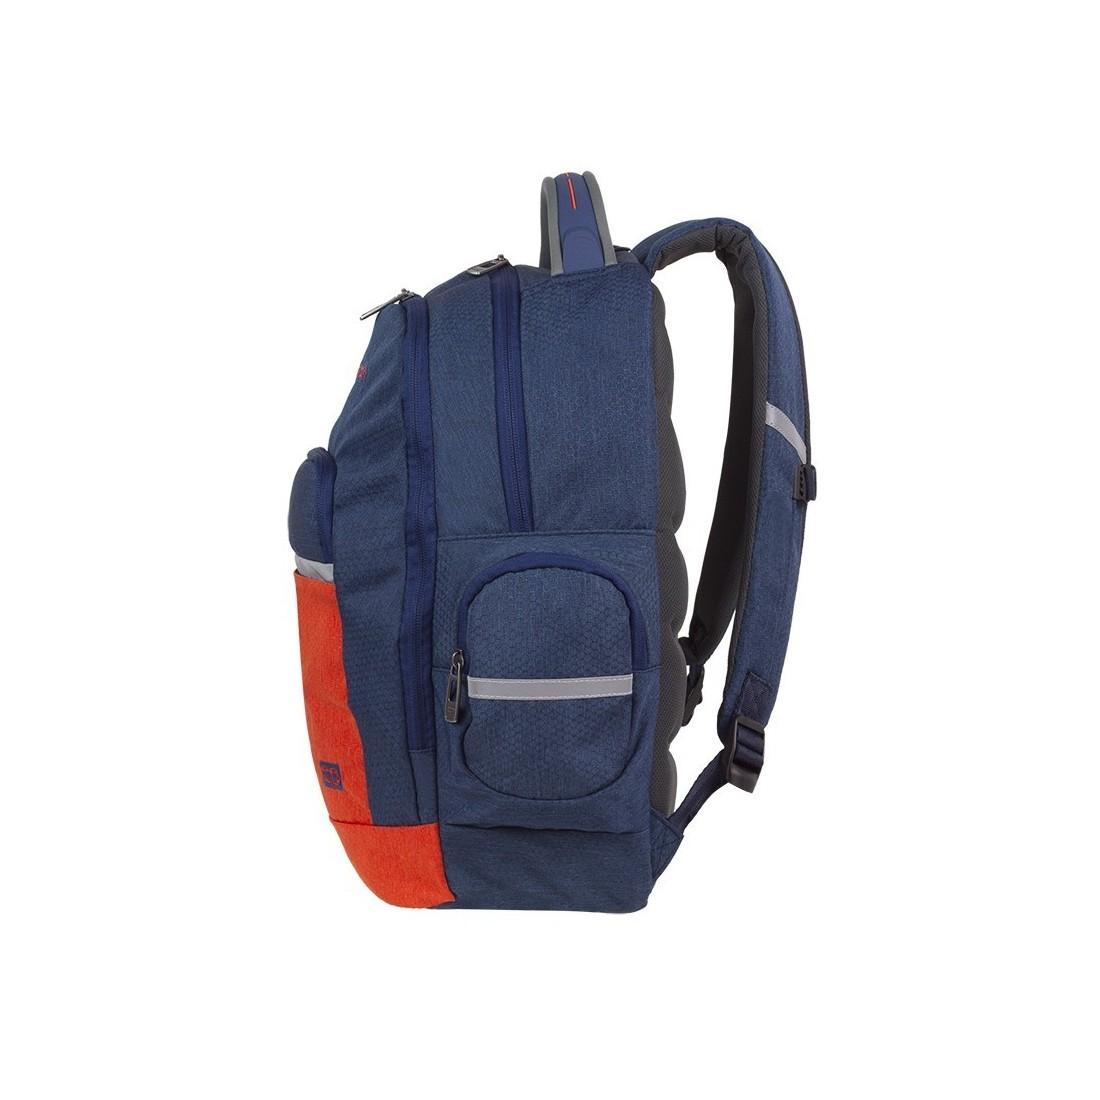 bbd6ac4b6d2f3 Granatowo-pomarańczowy plecak szkolny 2 przegrody CoolPack Brick ...